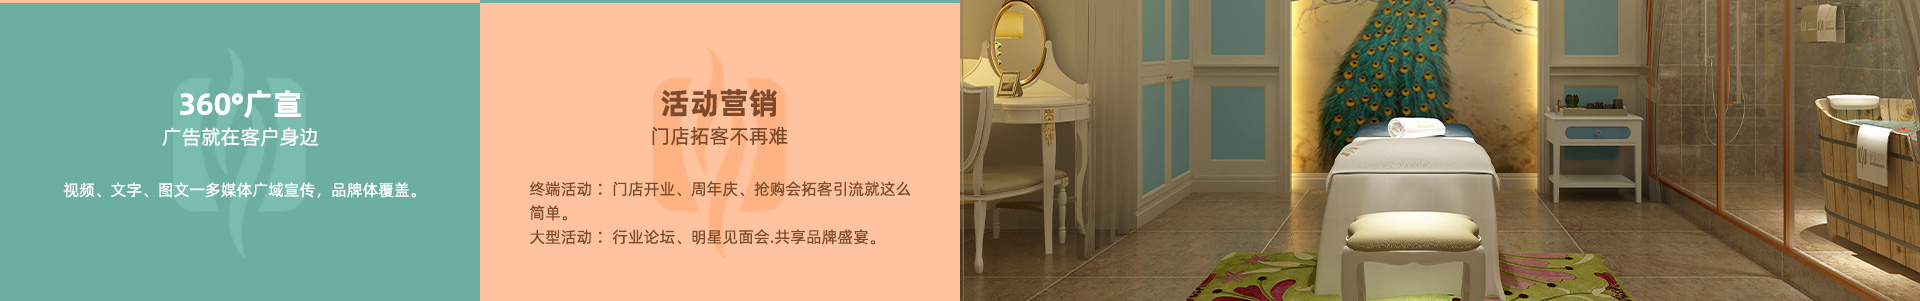 蘭馨美孕产后复龄中心详情页_19